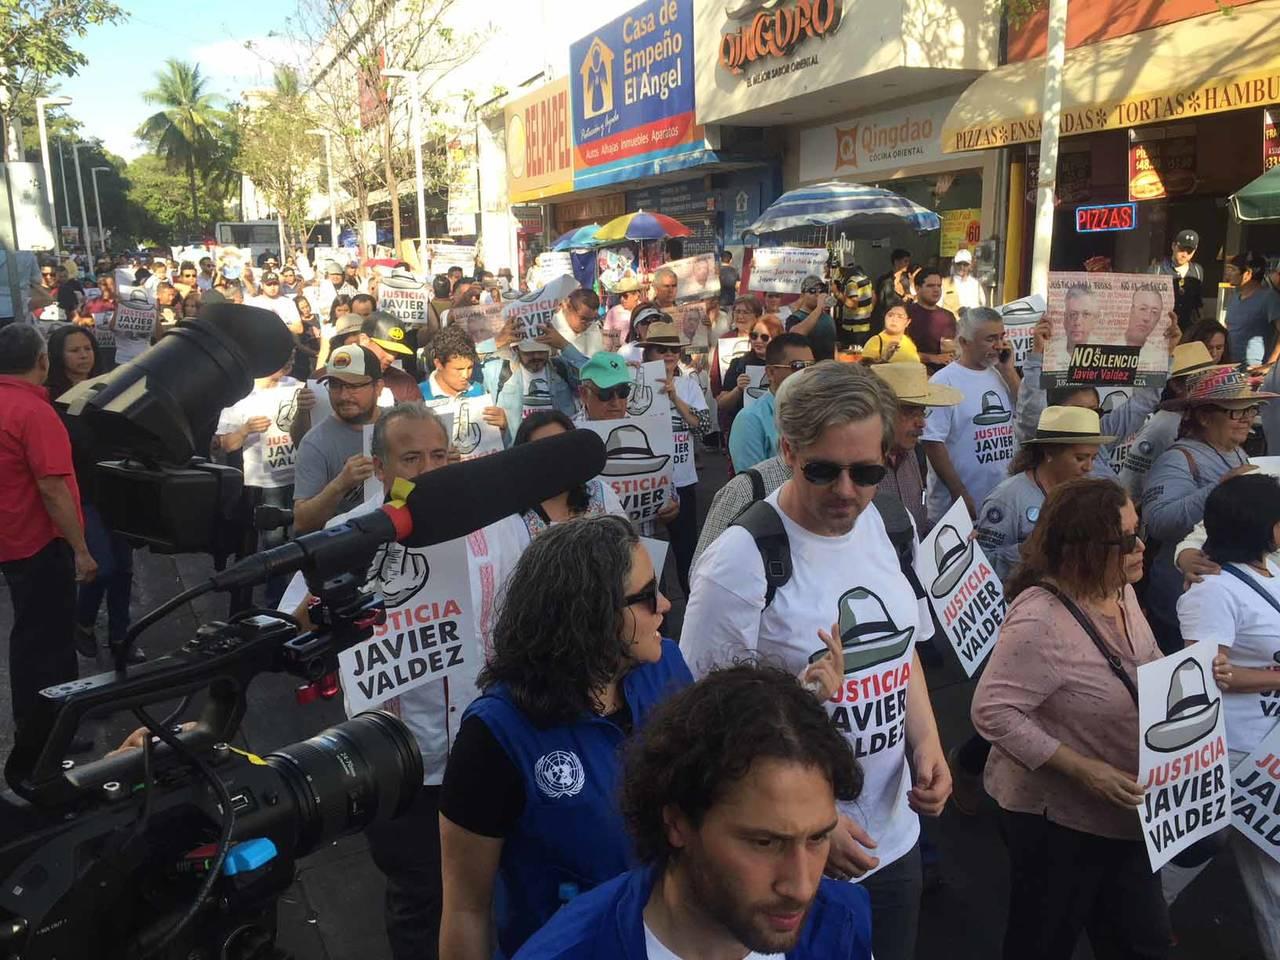 Con jornada nacional exigen justicia para Javier Valdez